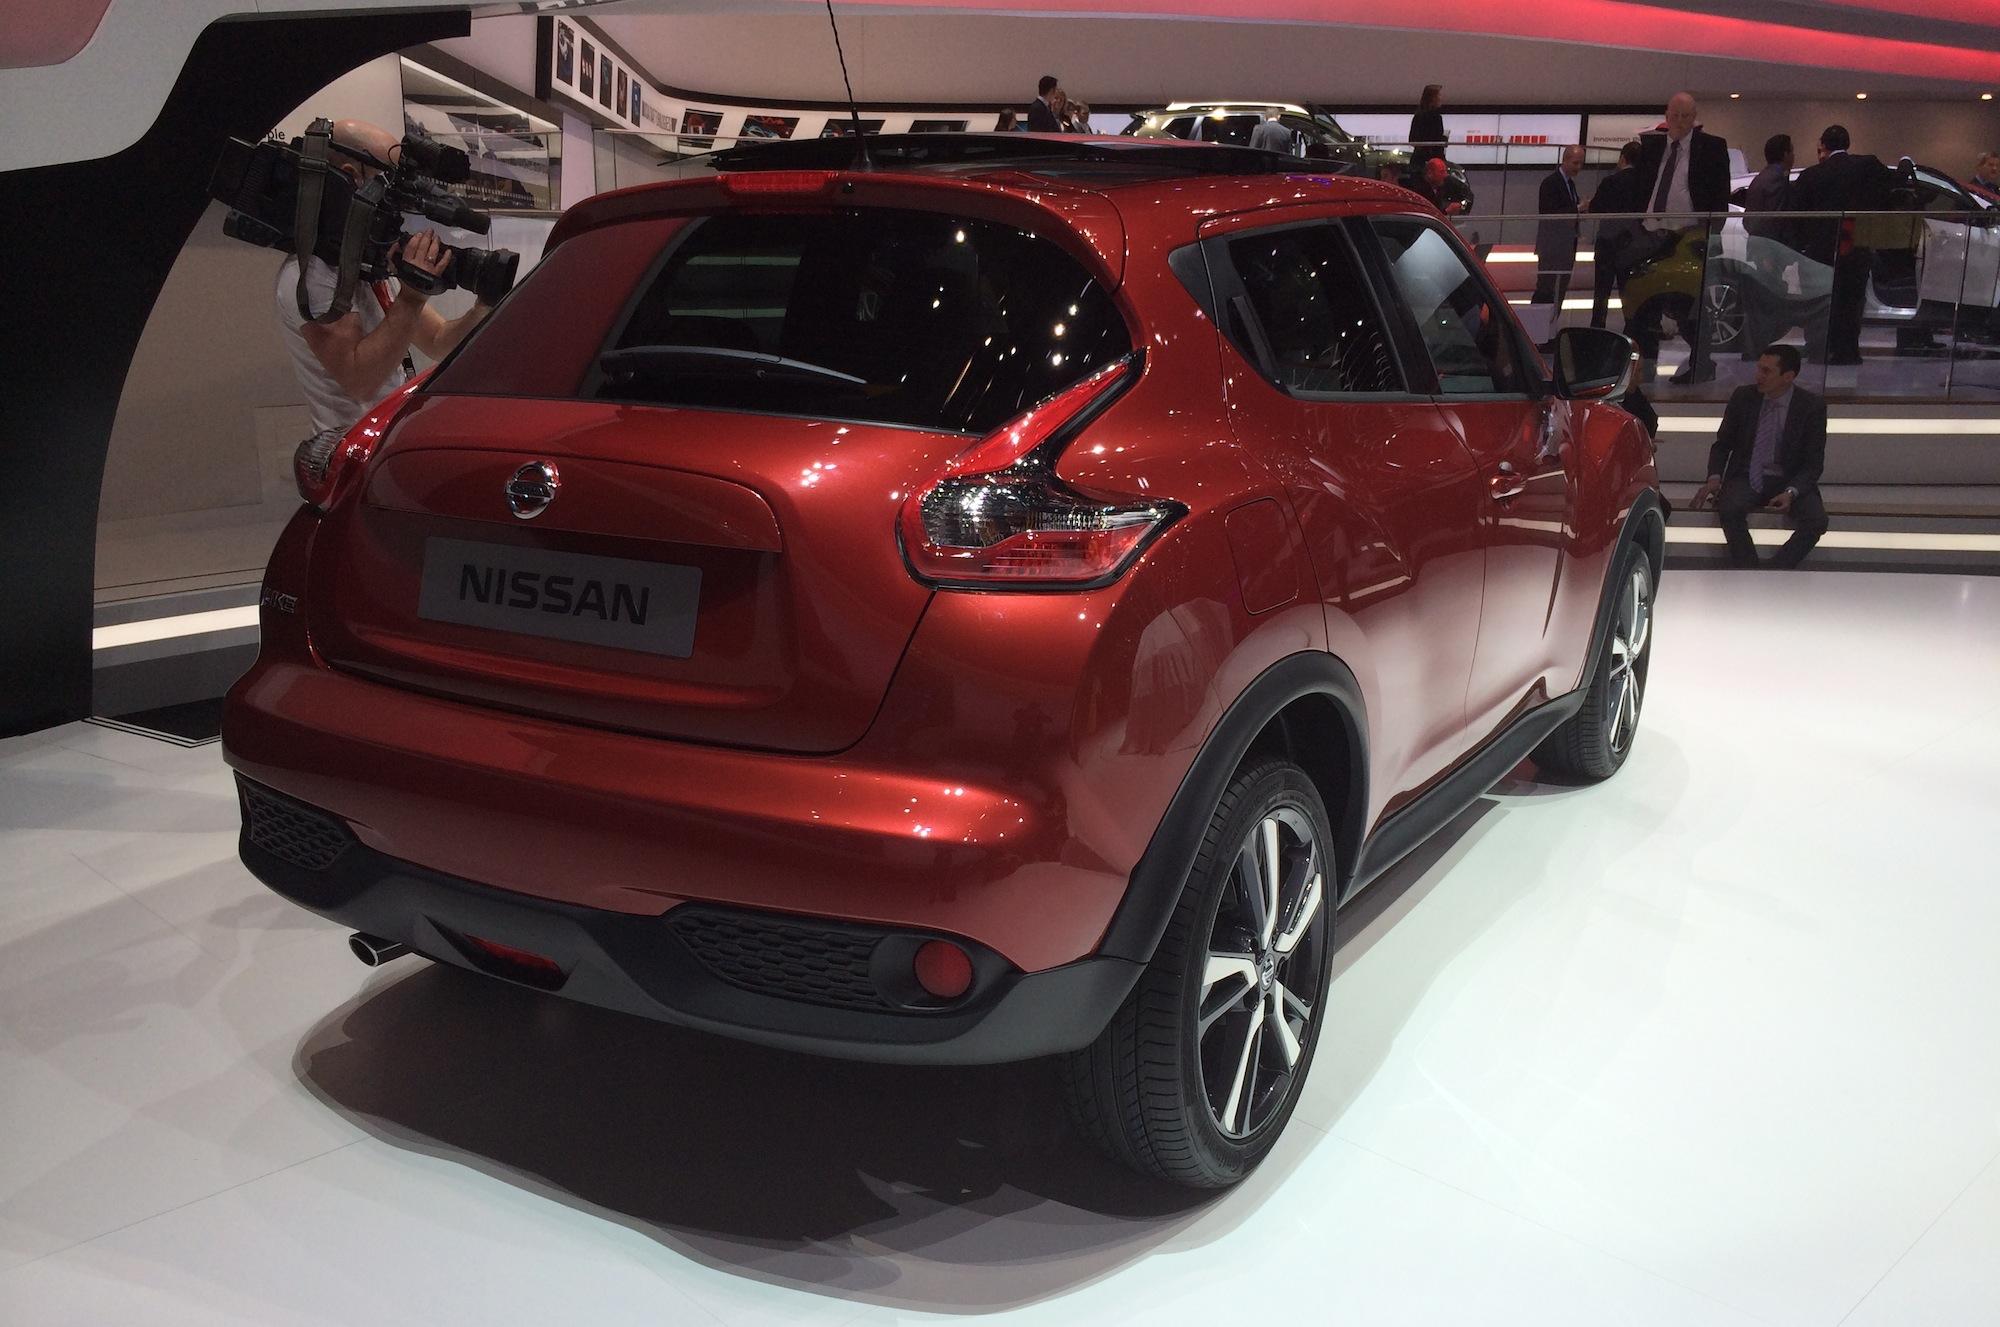 Nissan Juke Facelifted Suv Gets 1 2 Litre Turbo Bigger